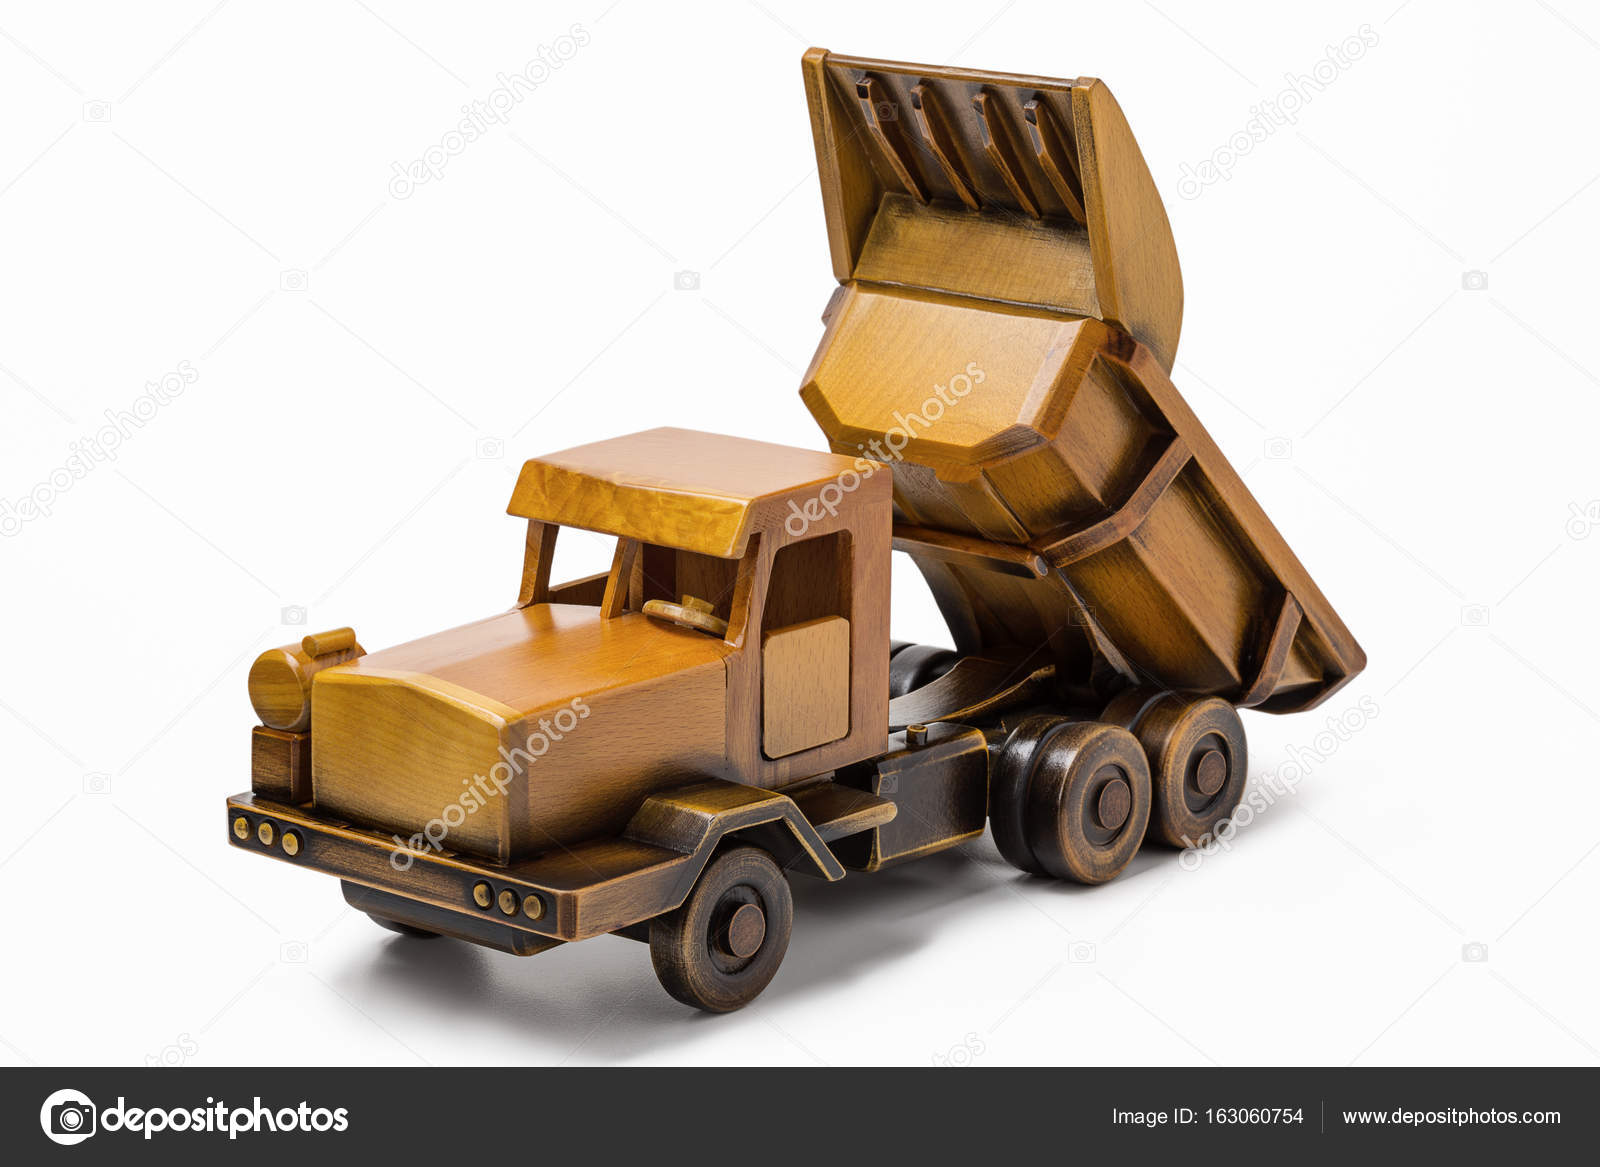 Fotos Carros De Madera Carro De Descarga De Coches Miniatura